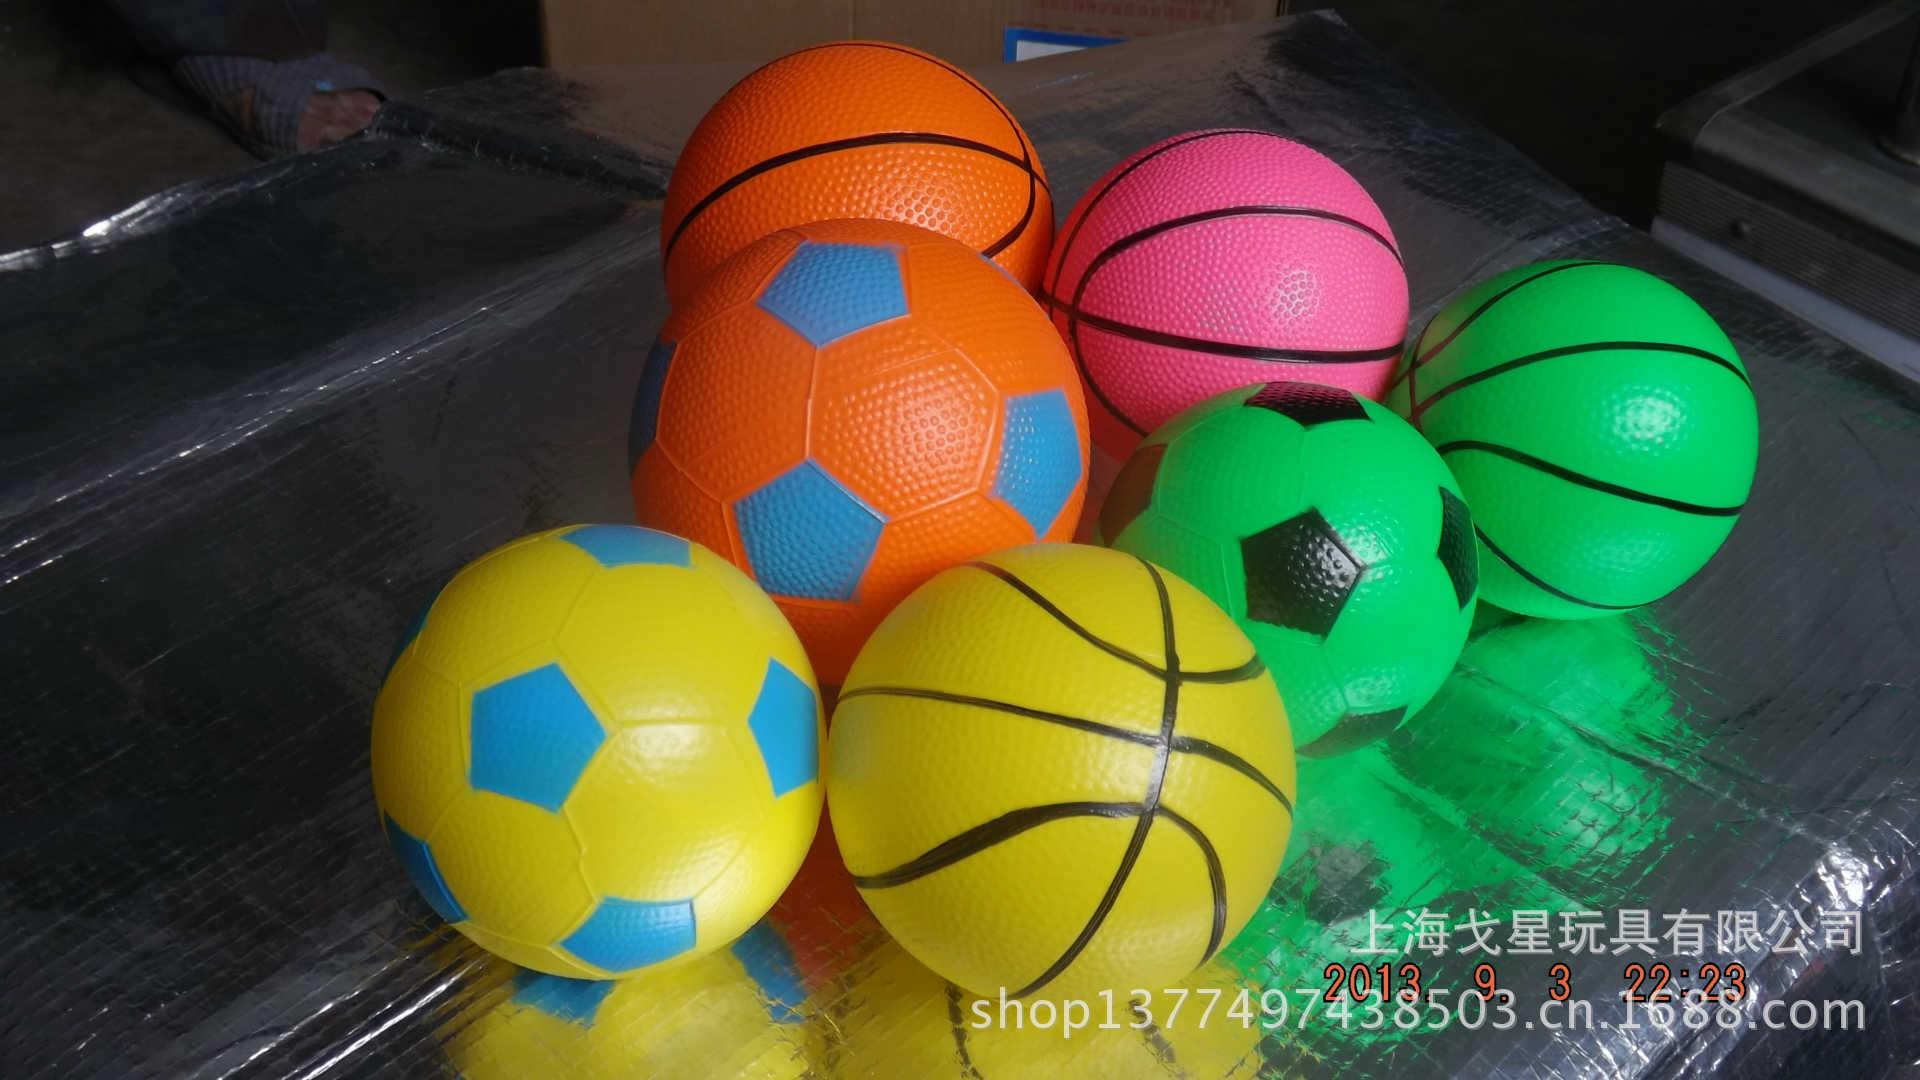 玩具球-冒险厂家球,体育用品玩具,沙滩直销pvc滑雪大充气2属性东西